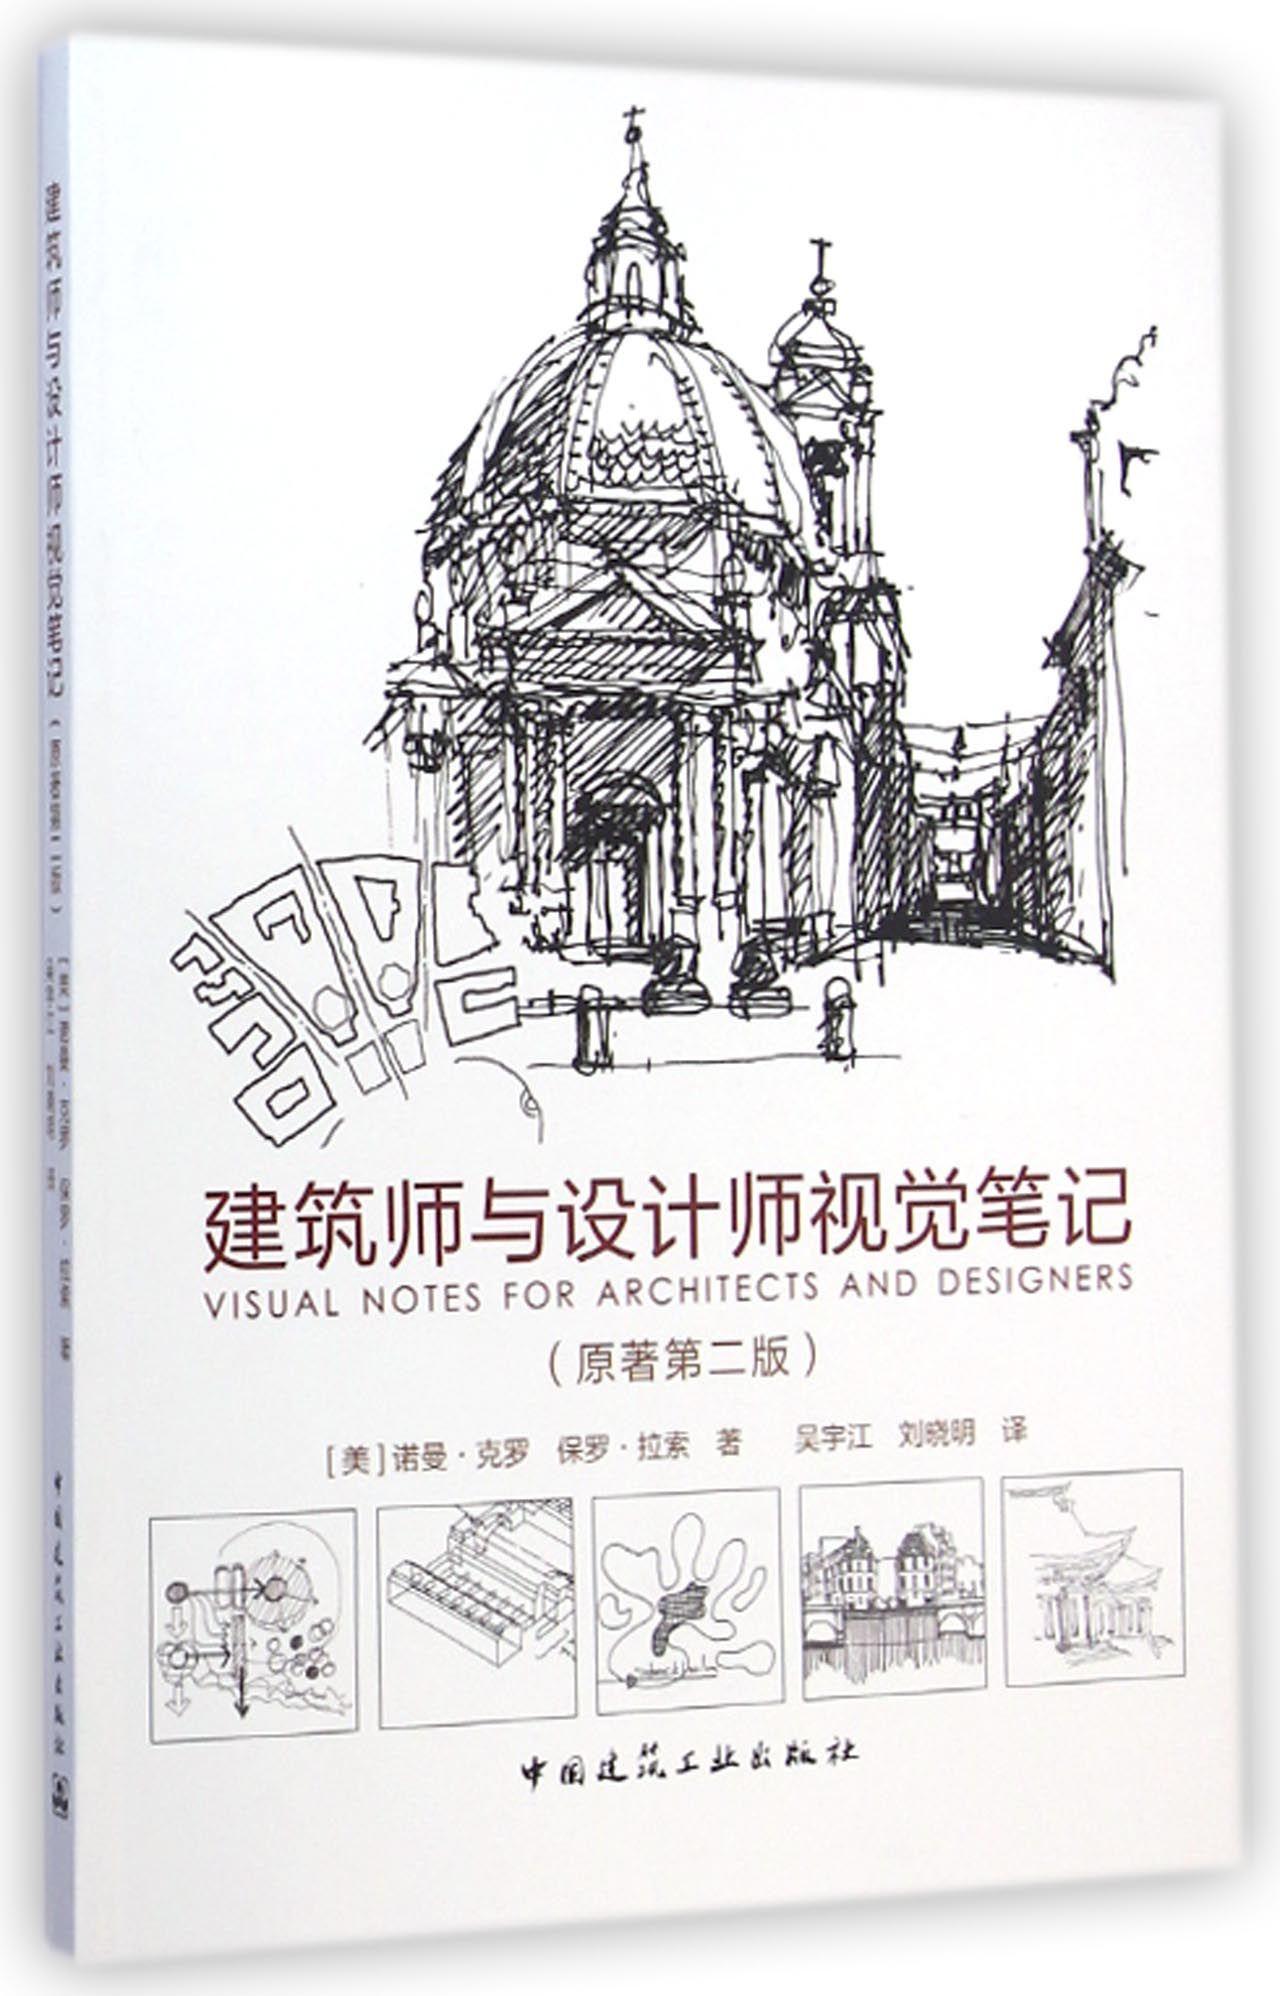 建筑师与设计师视觉笔记(原著第2版)